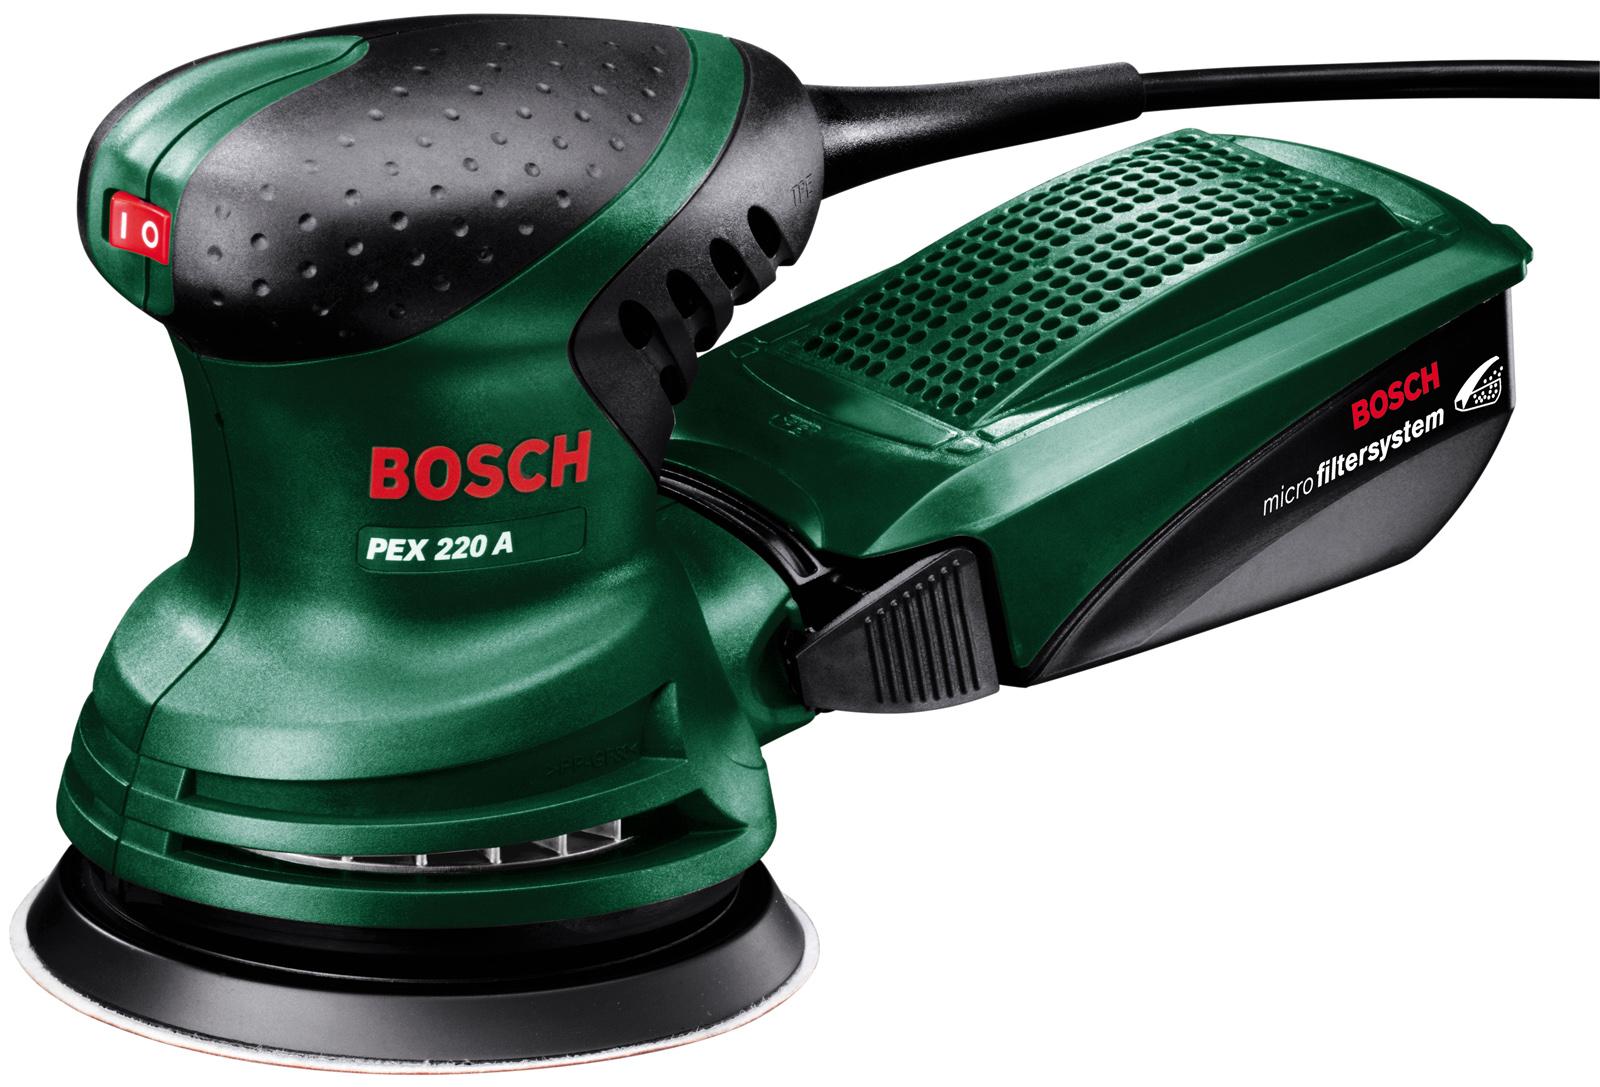 Машинка шлифовальная орбитальная (эксцентриковая) Bosch Pex 220 a - это успешный выбор. Потому что приобрести продукцию марки Bosch - это просто и недорого.